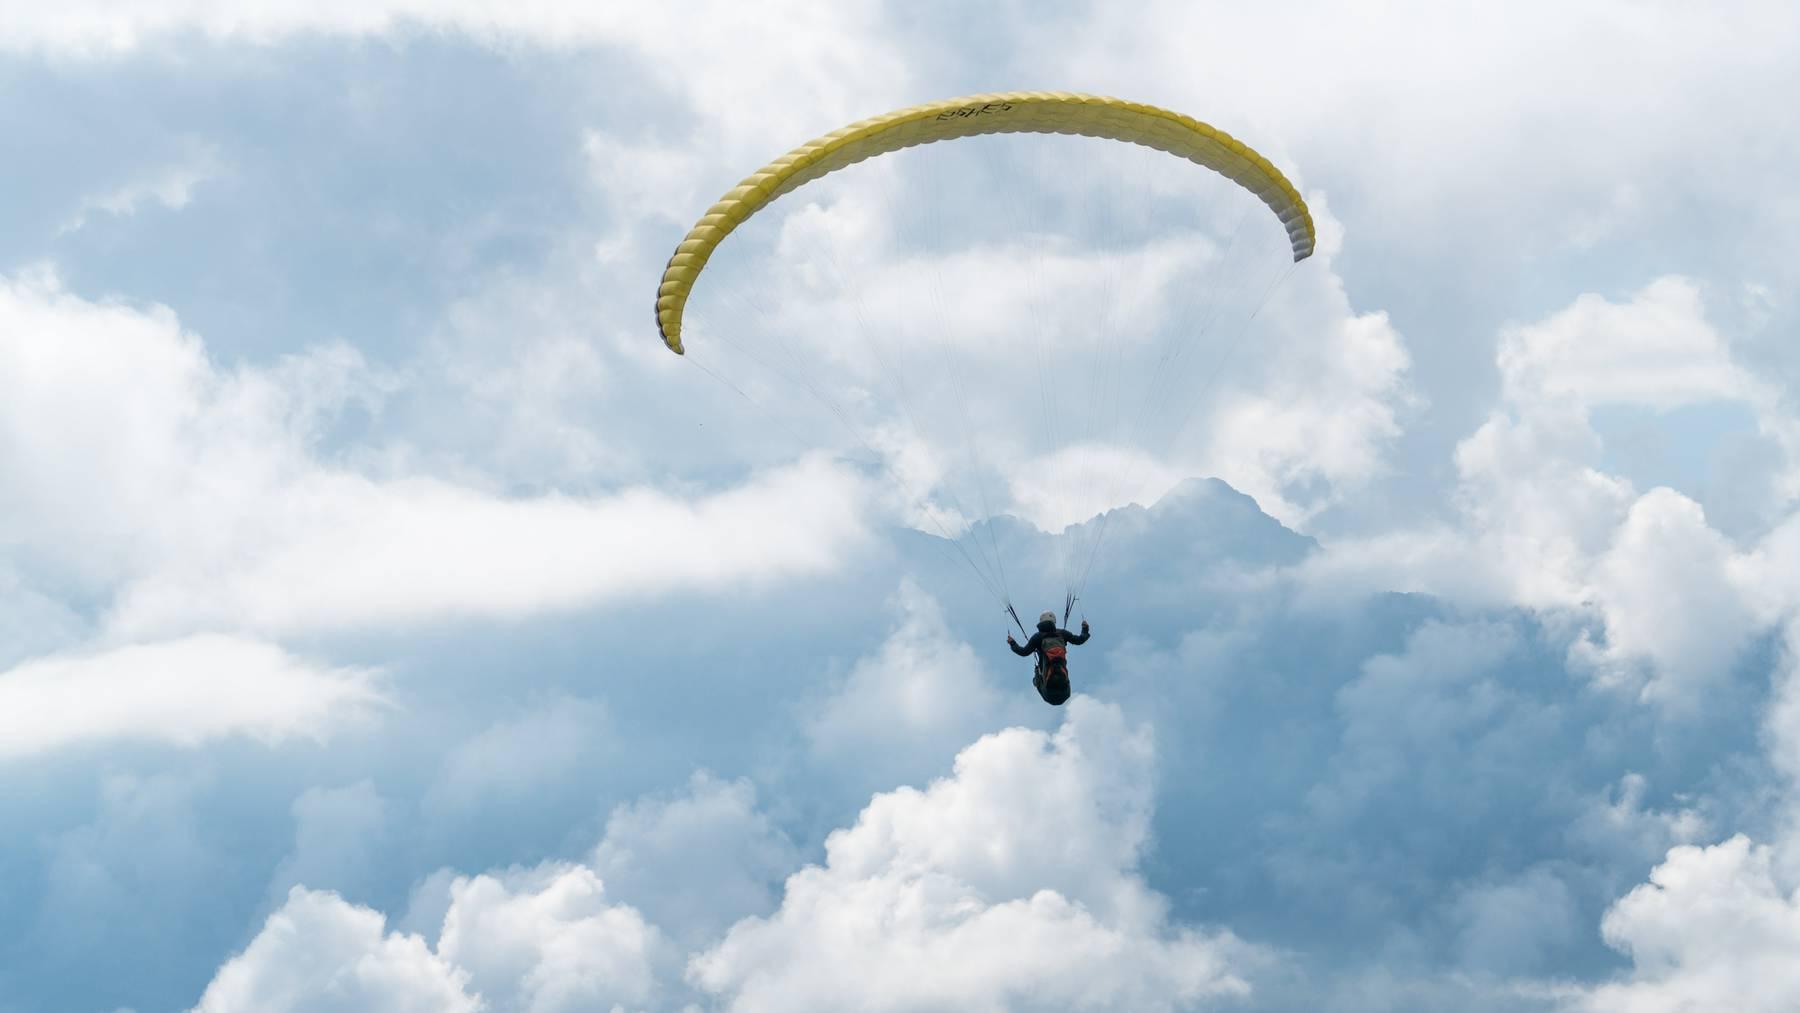 Der Gleitschirmflieger wurde in einem unwegsamen Gelände gefunden. (Symbolbild)